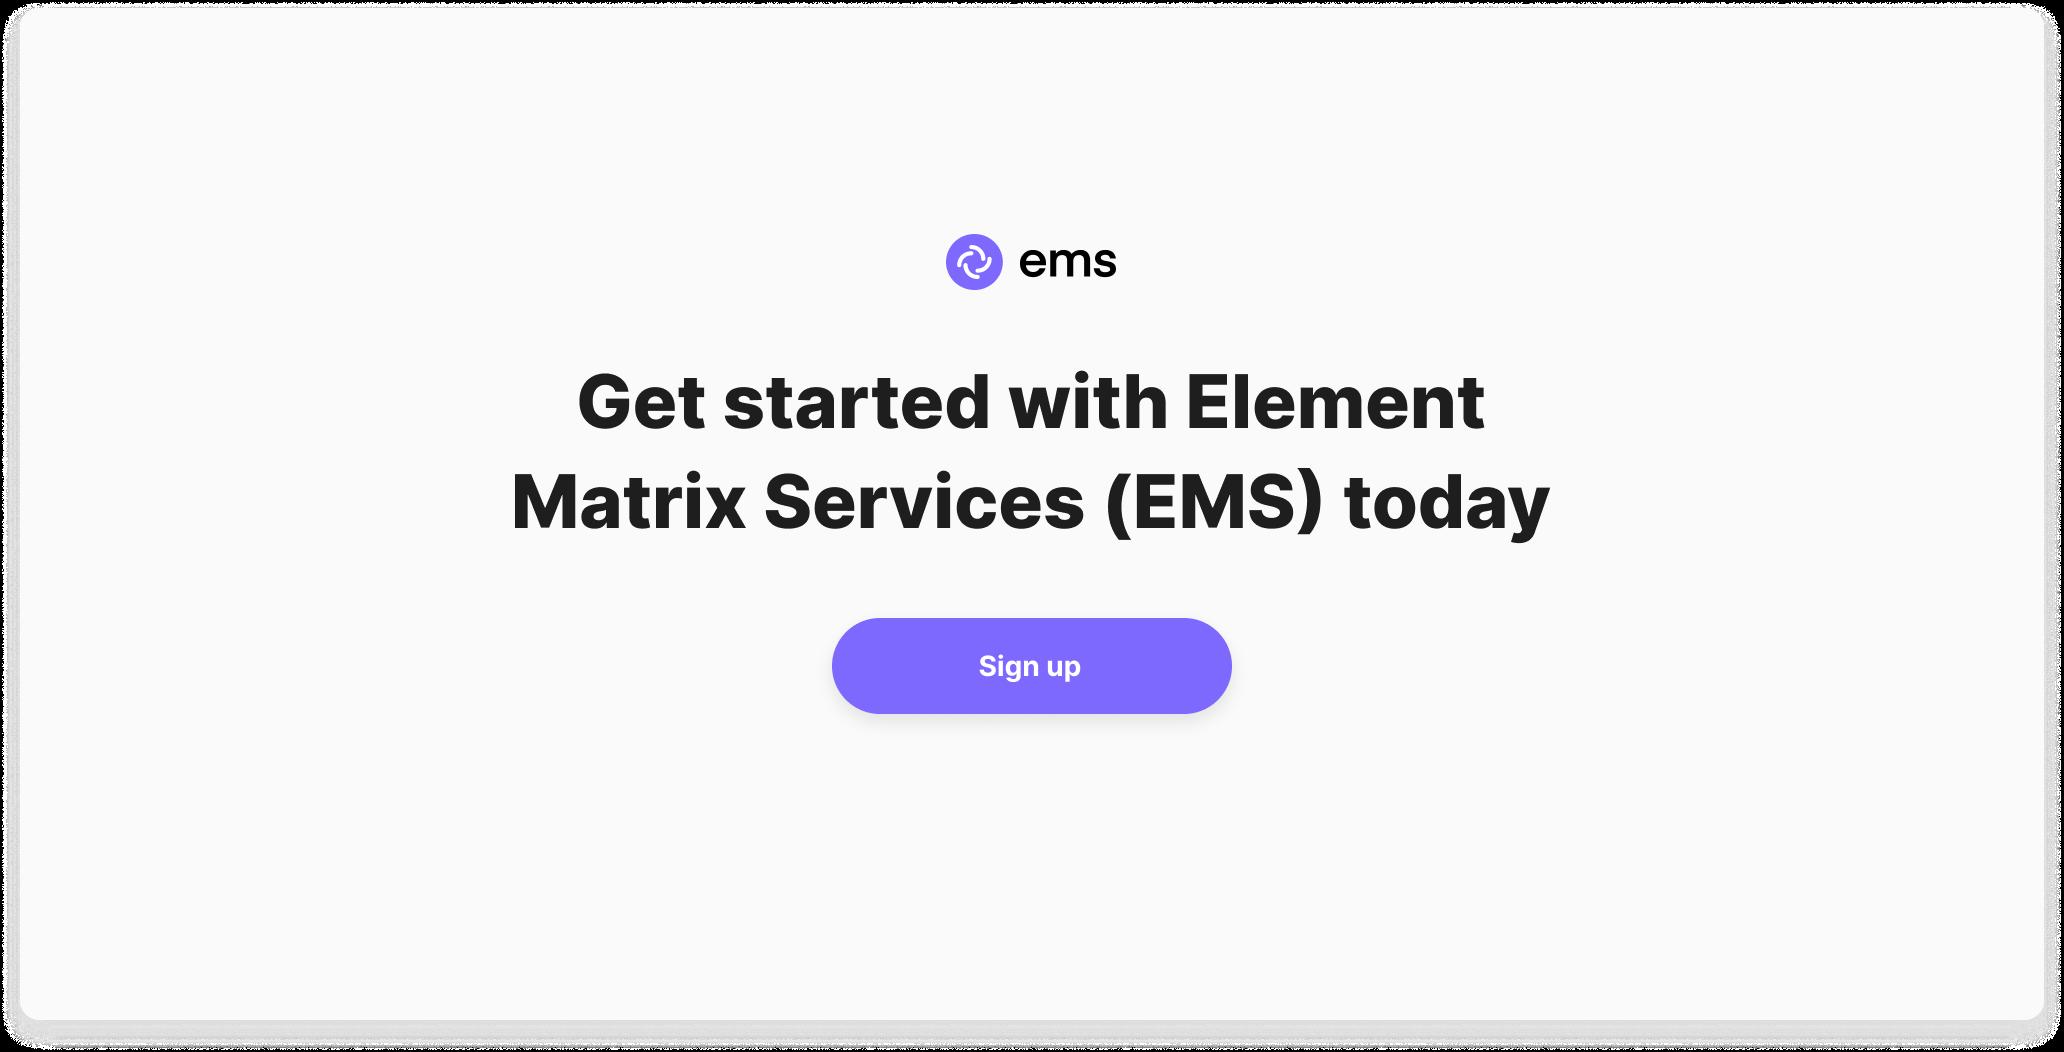 Ems-copy-3-1